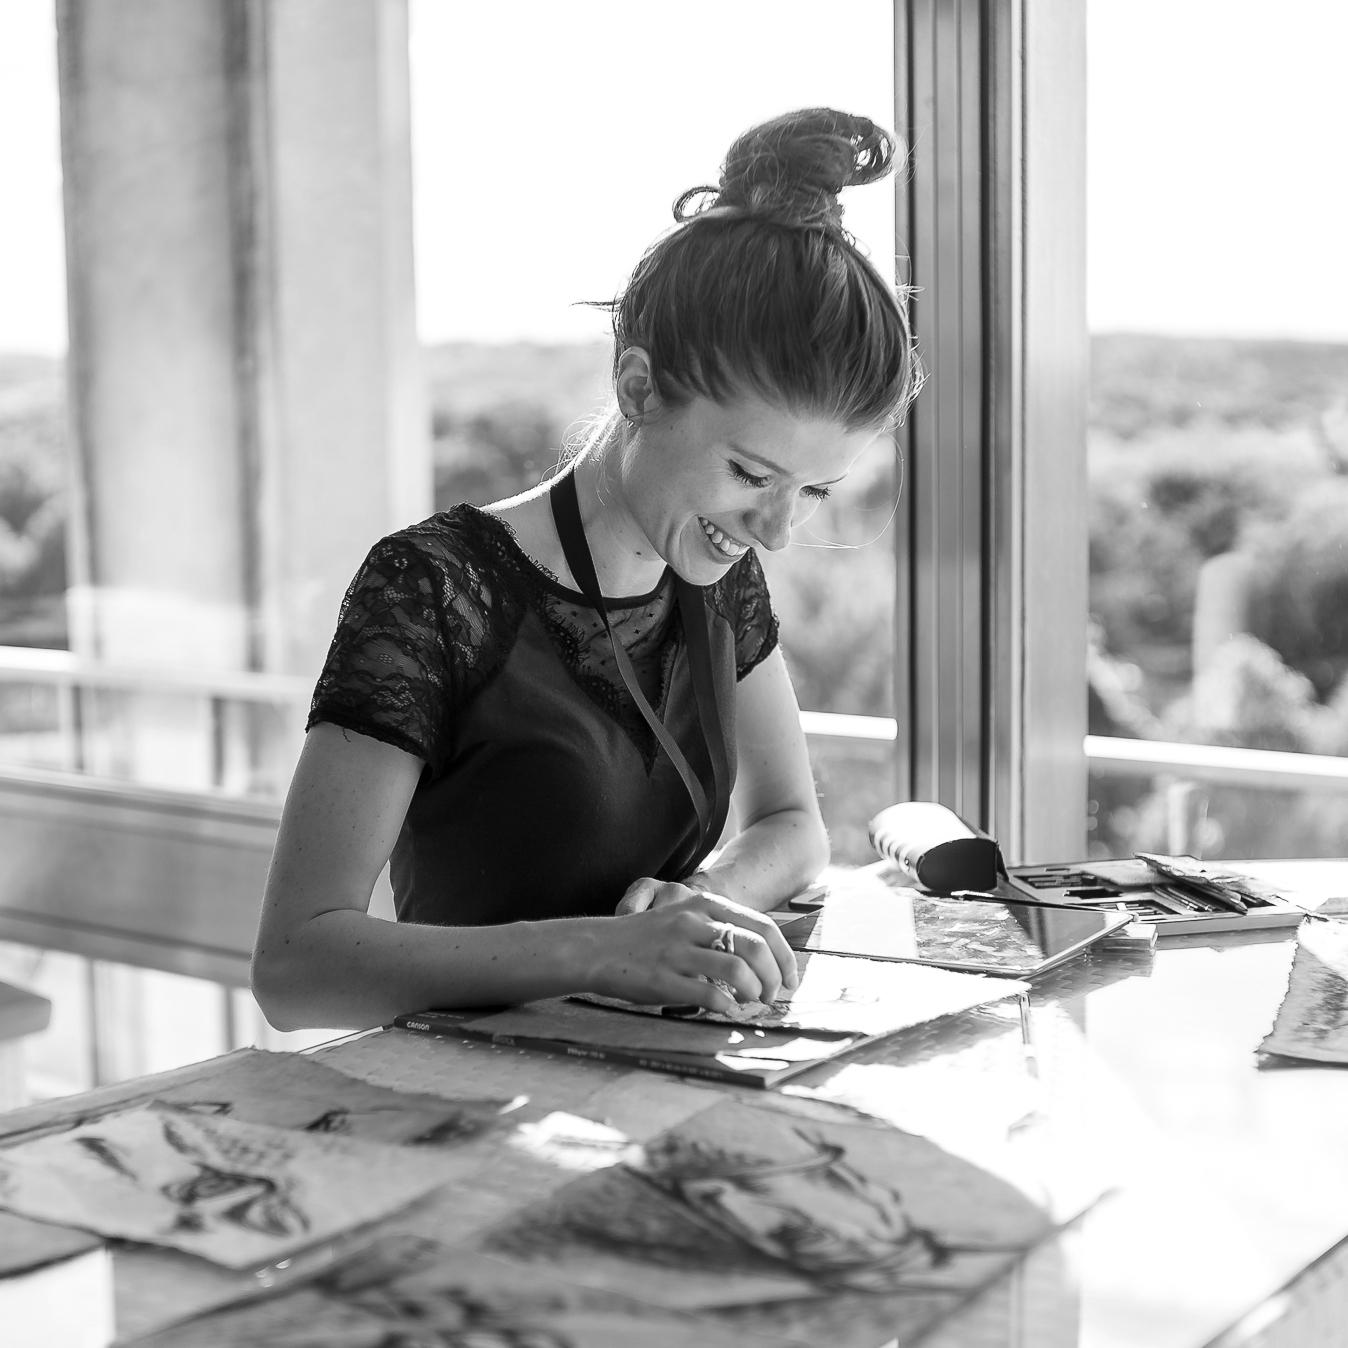 Vanylinn - Painter, portraitist & designer